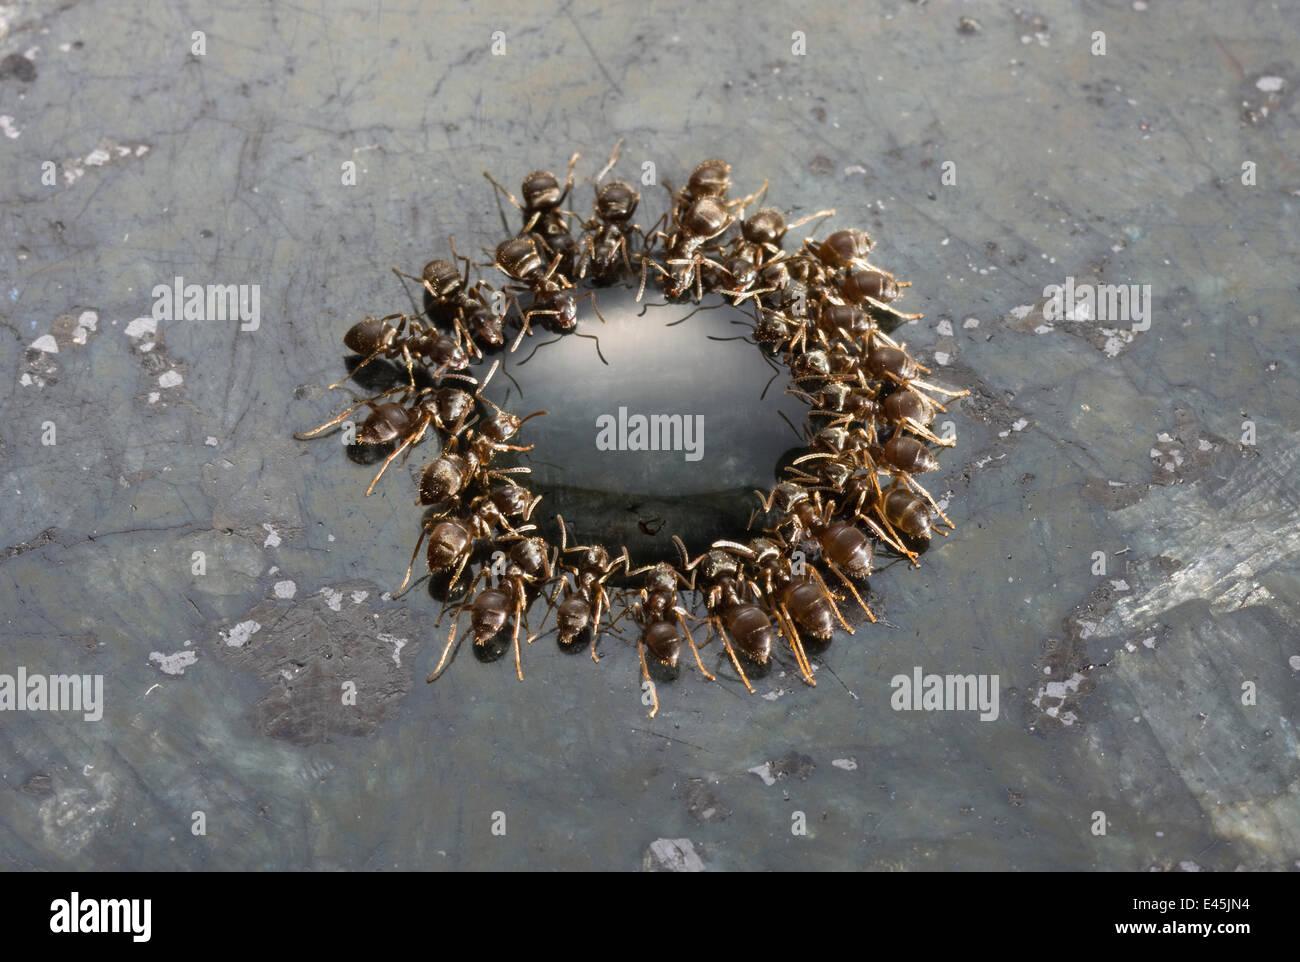 Fourmis noires jardin} {Lasius niger se nourrissant de goutte d'érable sur une surface de travail en granit, Photo Stock